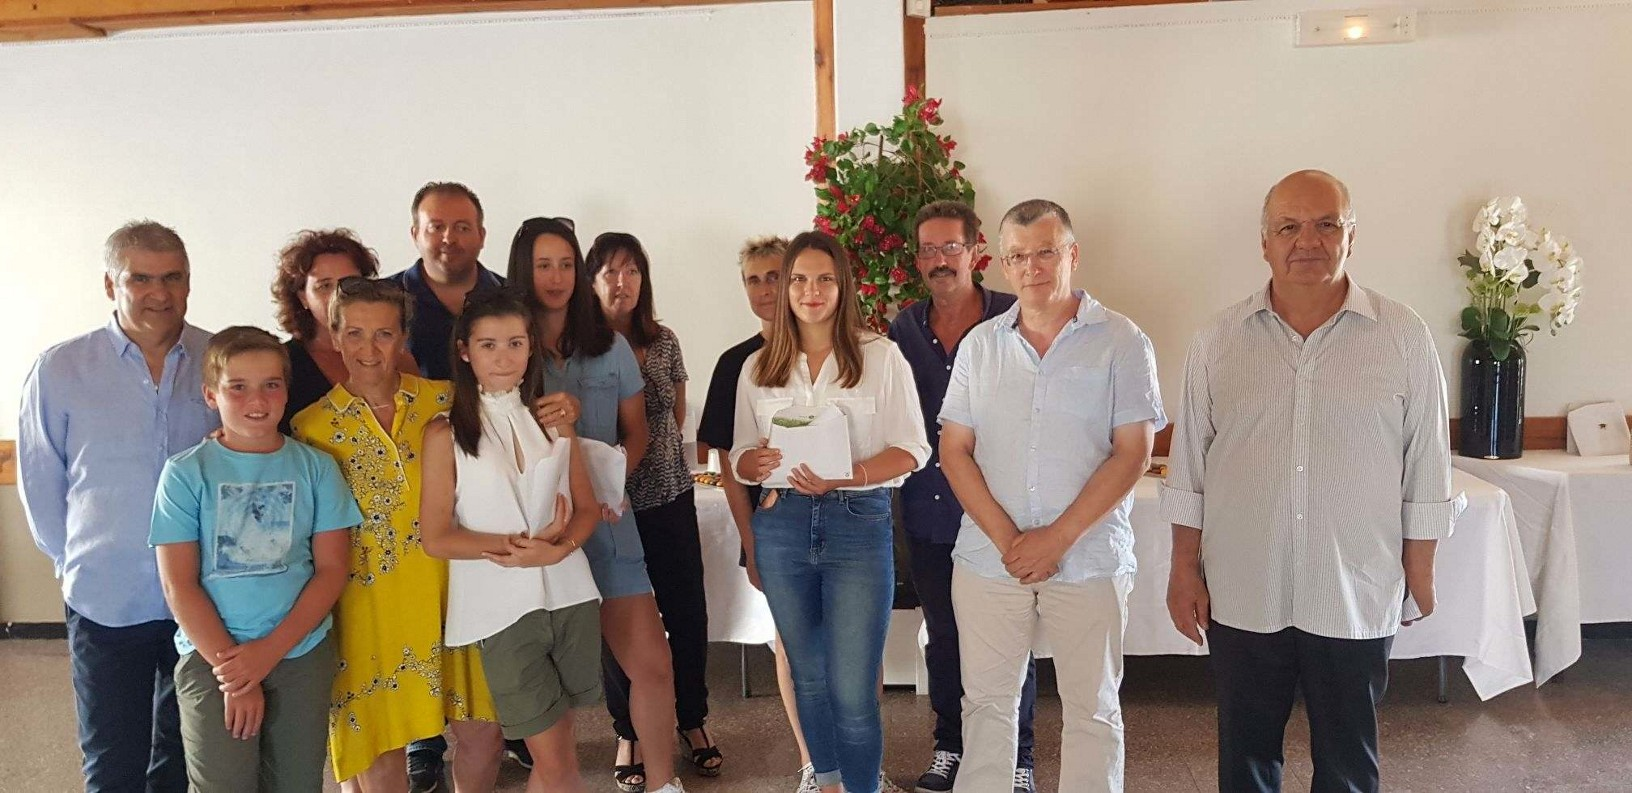 Réception en l'honneur des bacheliers 2017